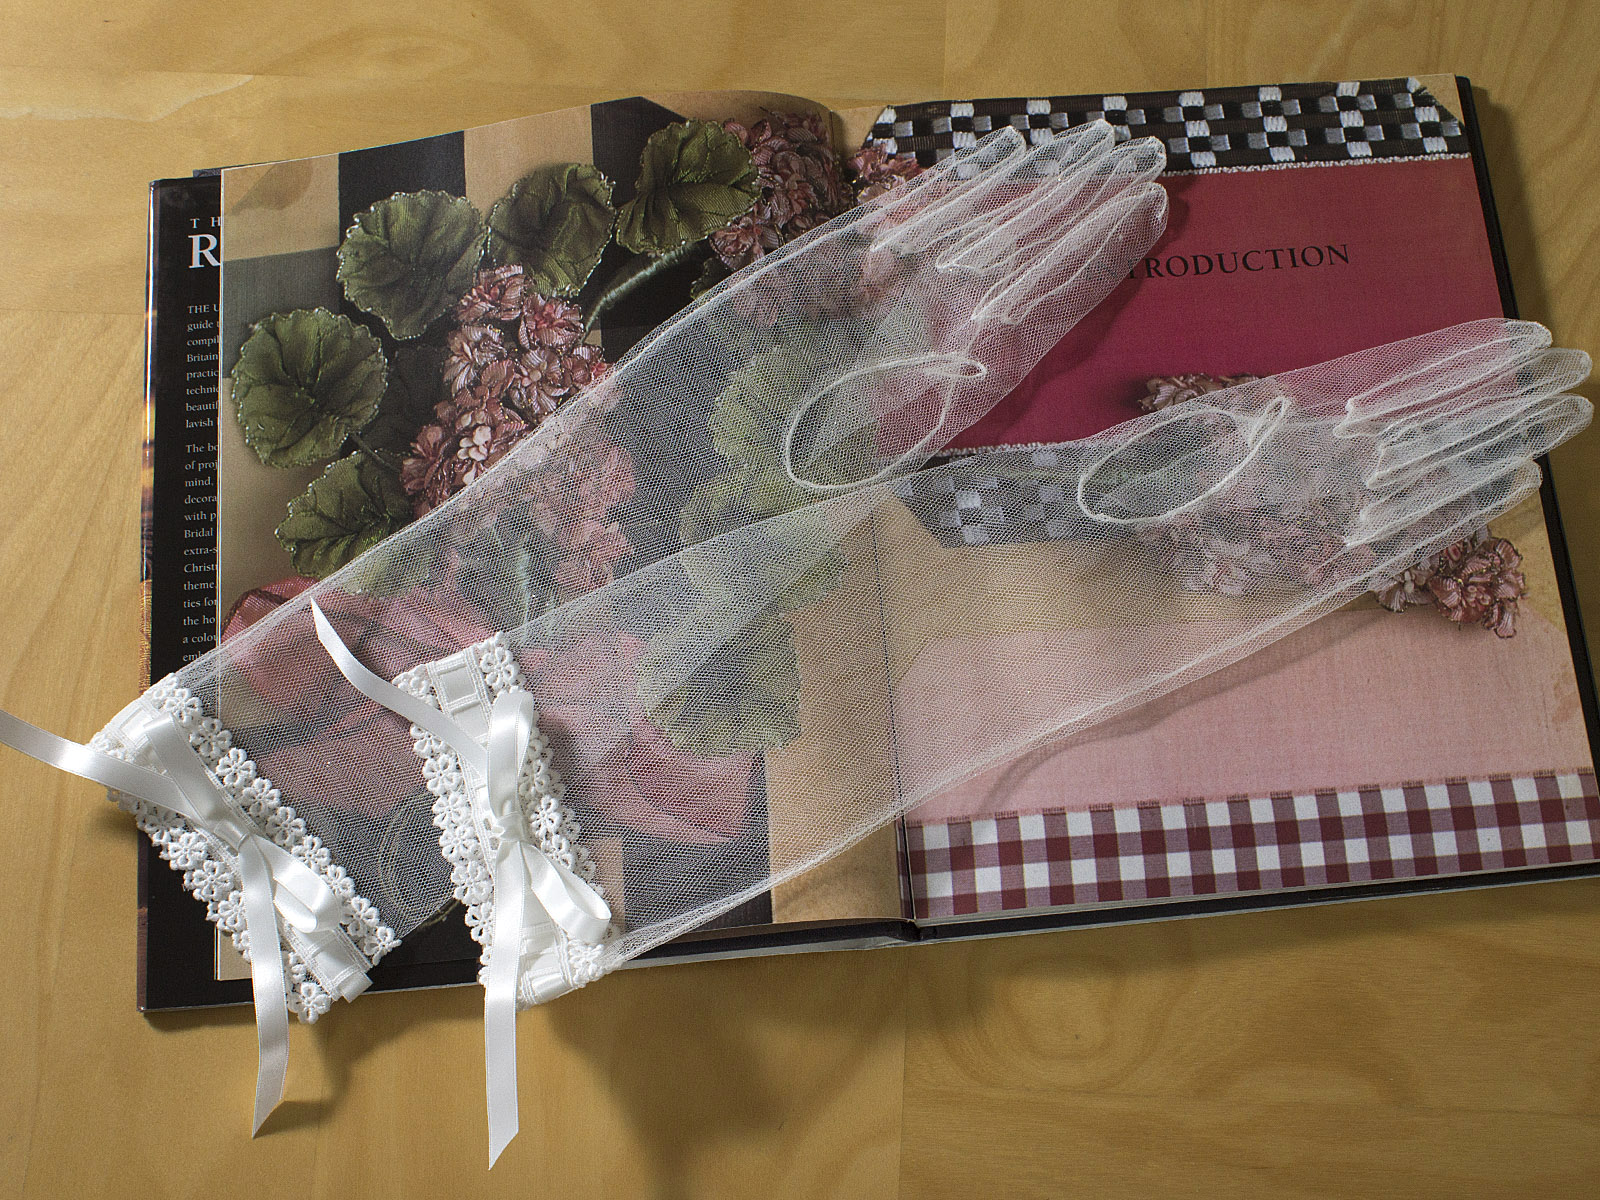 ウェディングドレス レンタル プレタ オーダー | ドレスマニア リボンとレースが可愛らしいロングタイプのグローブ